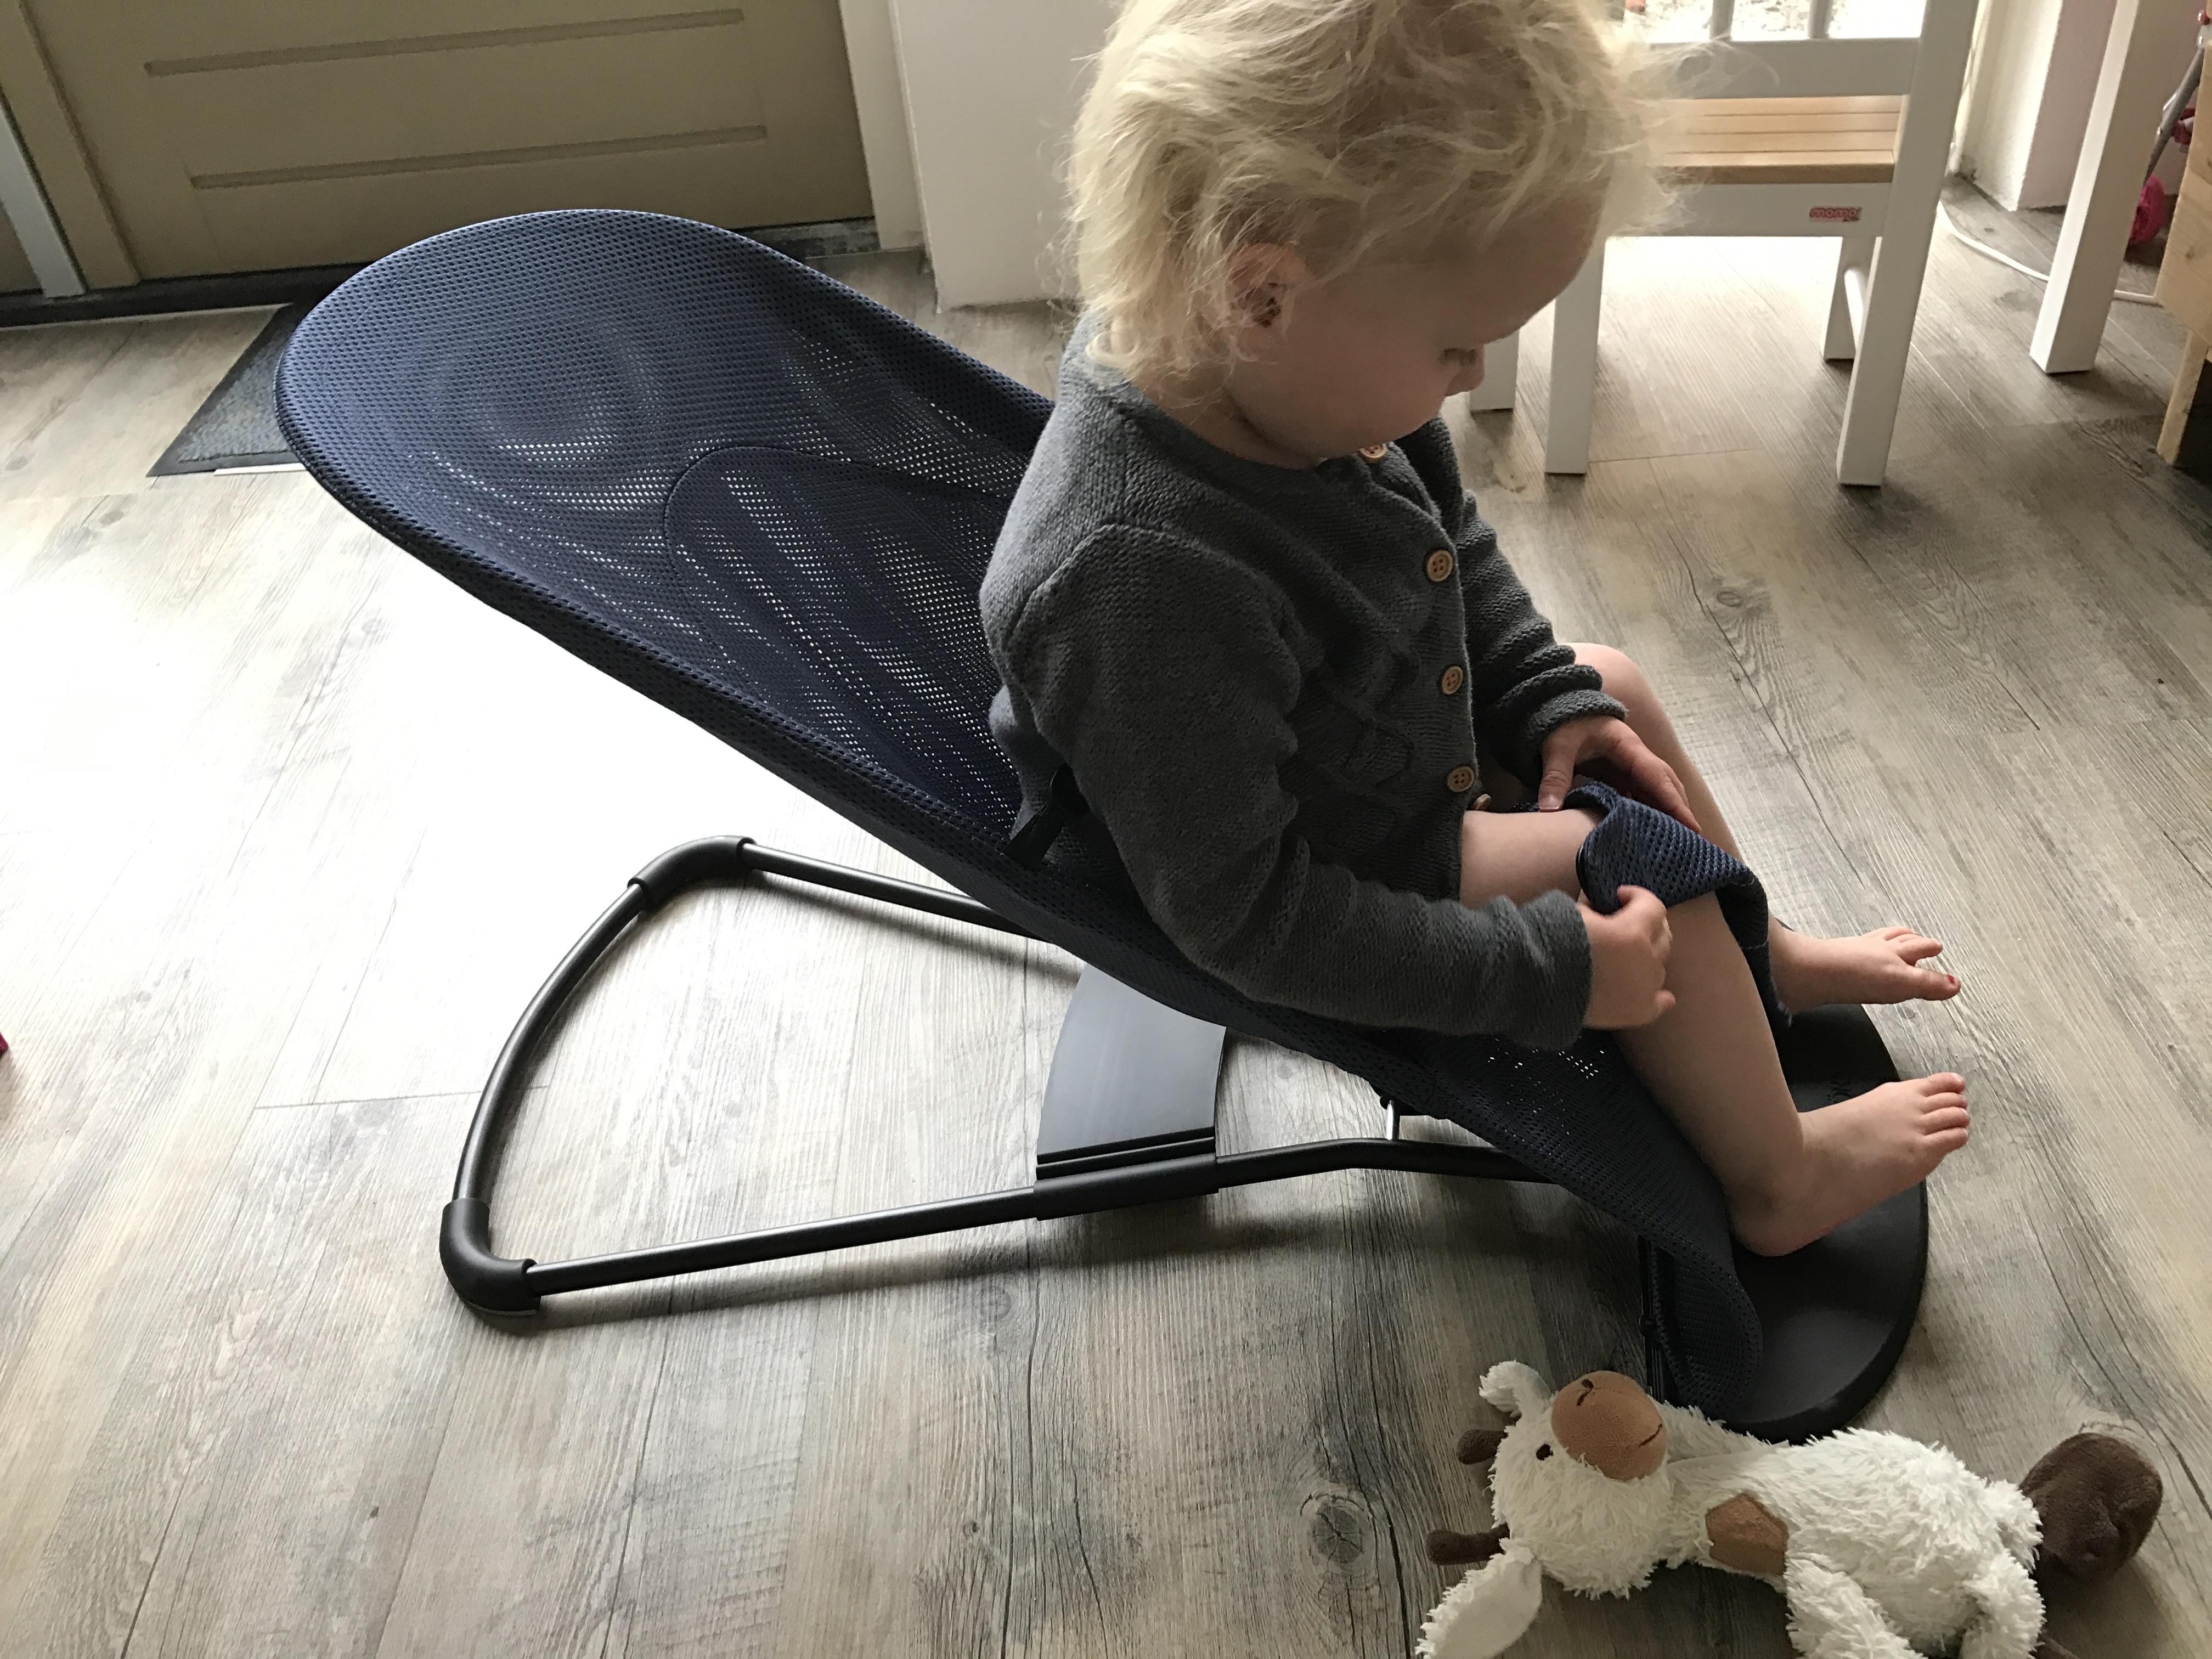 10-17-baby-bjorn-wipstoel-wipstoeltje-ergonomisch-verantwoord-rug-nek-zelf-schommelen-natuurlijk-baby-kind-newborn-twee-jaar-nanny-mama-moeder-blog-tip-ervaring-review-peuter